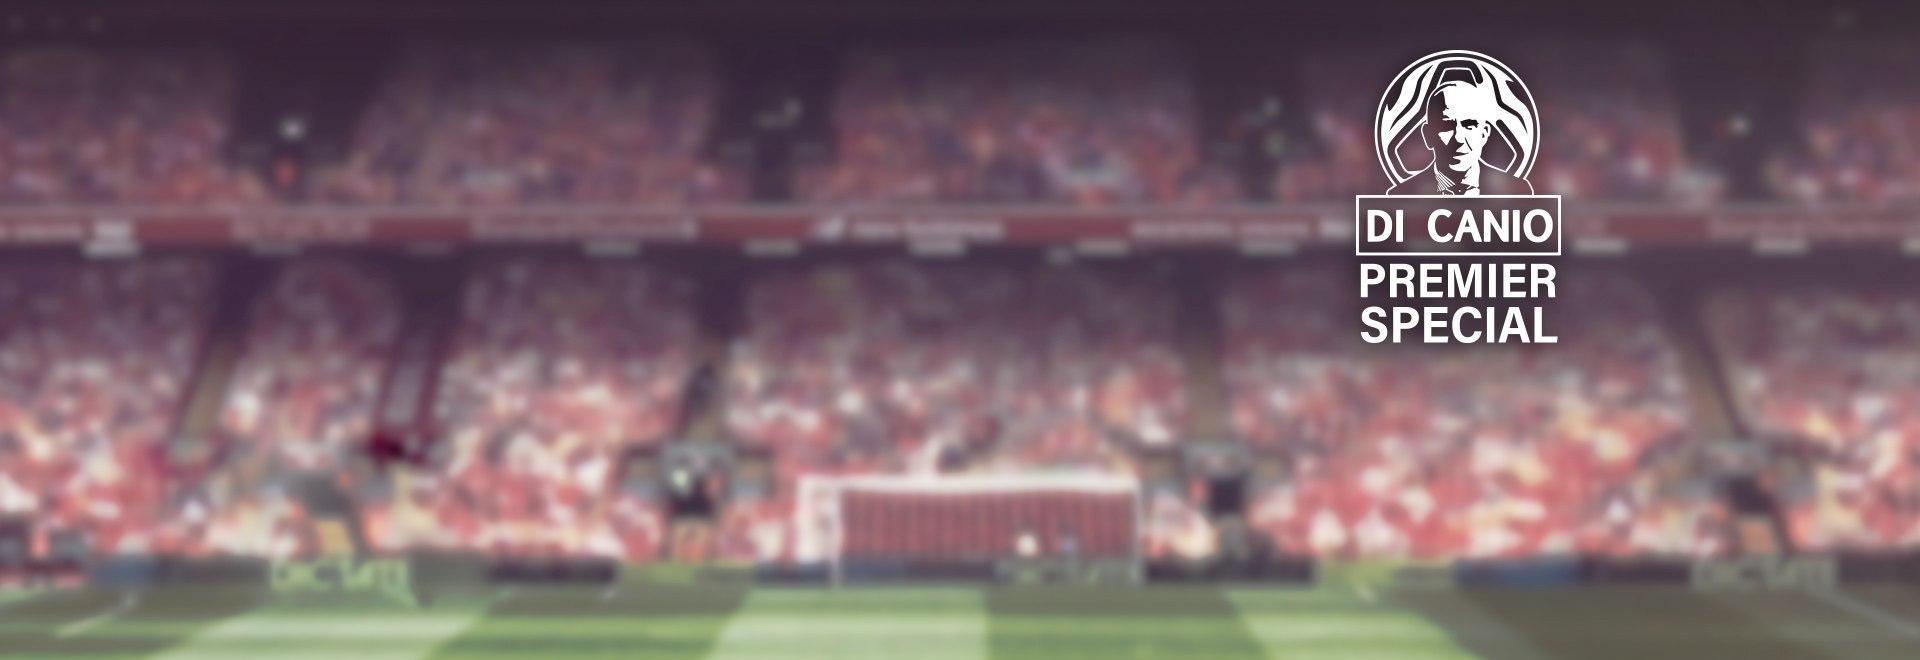 La rivalità tra Liverpool e Manchester City